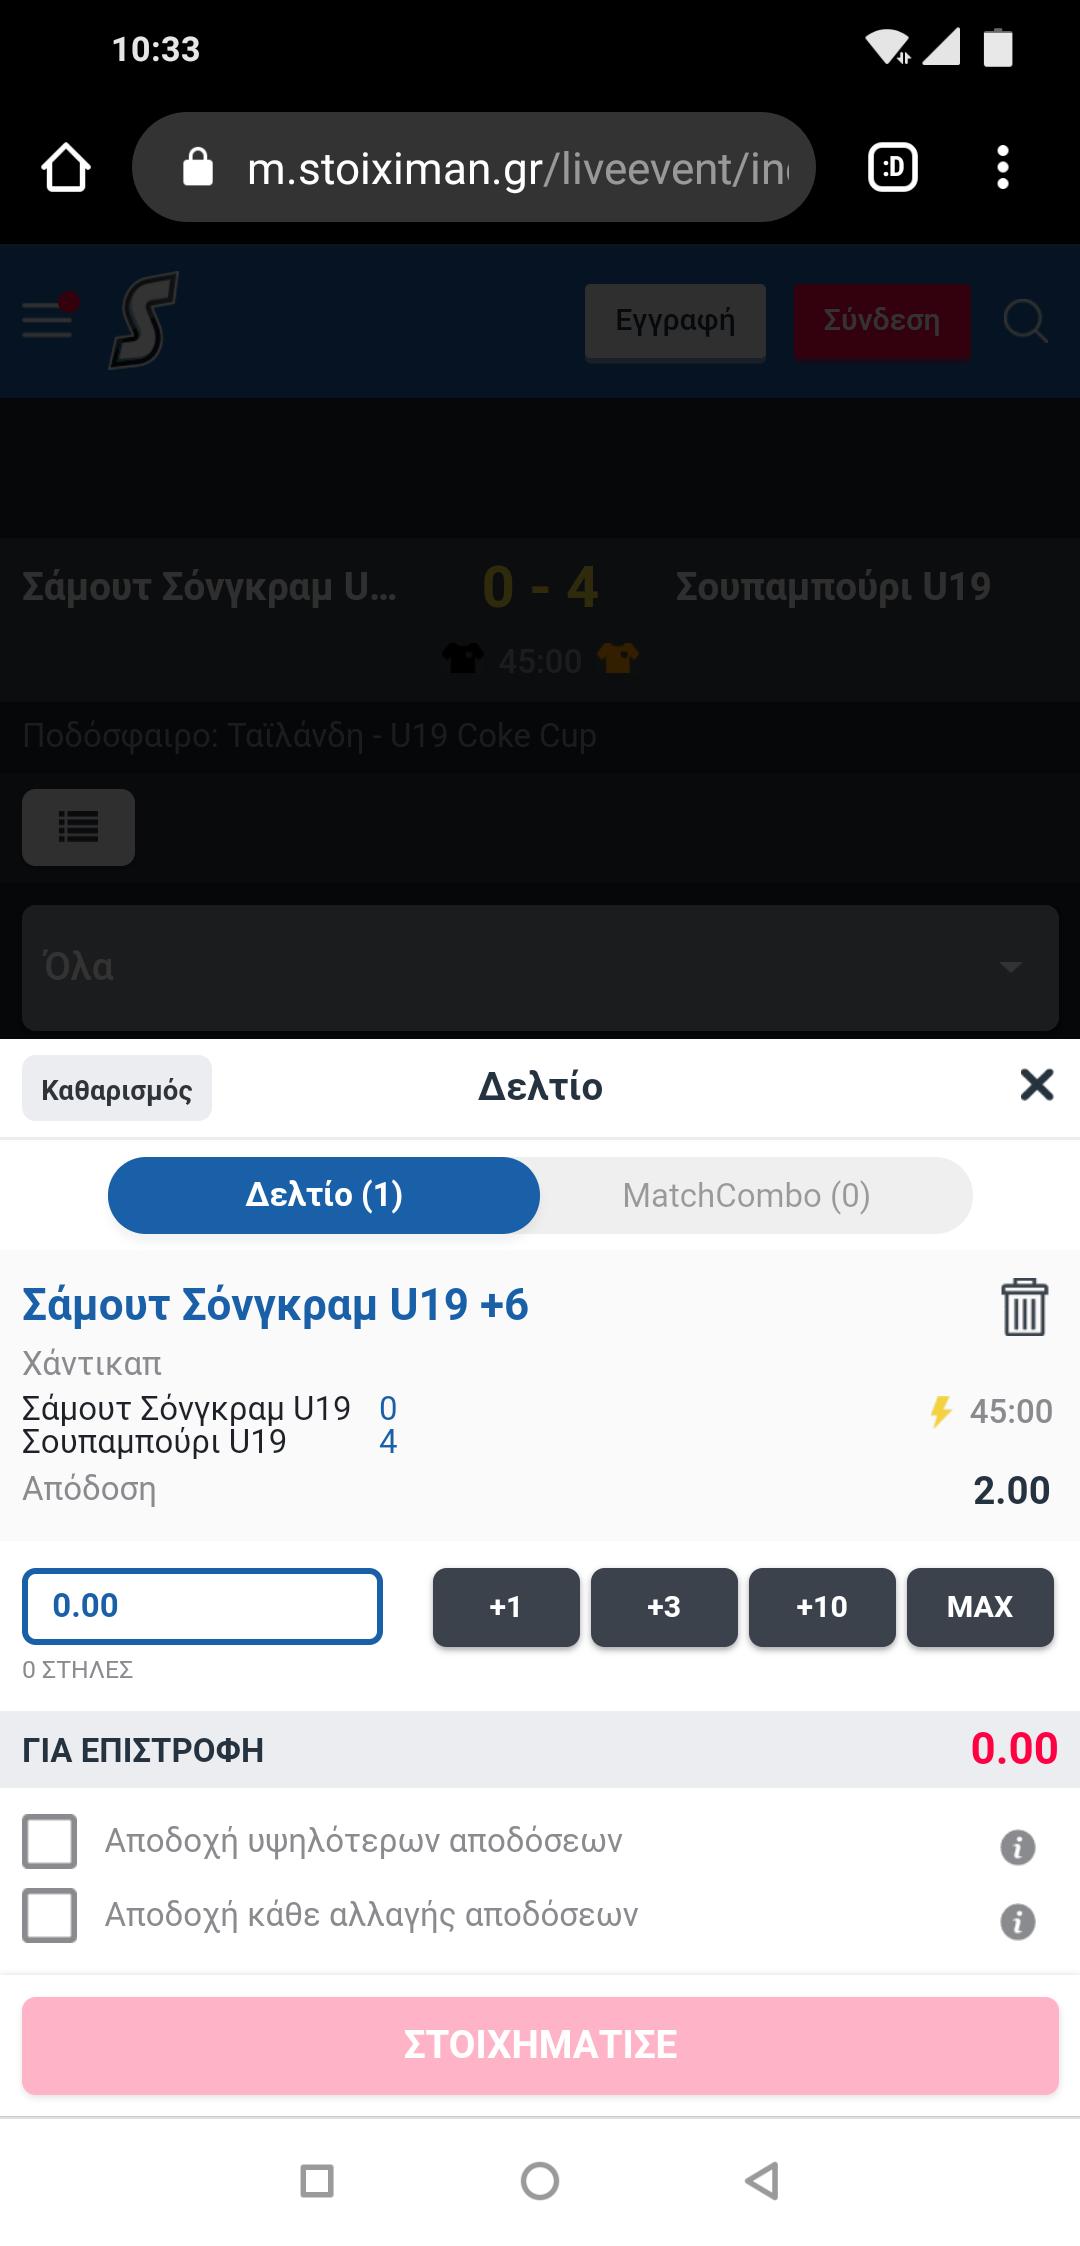 Screenshot_2019-10-01-10-33-32-574_com.android.chrome.png